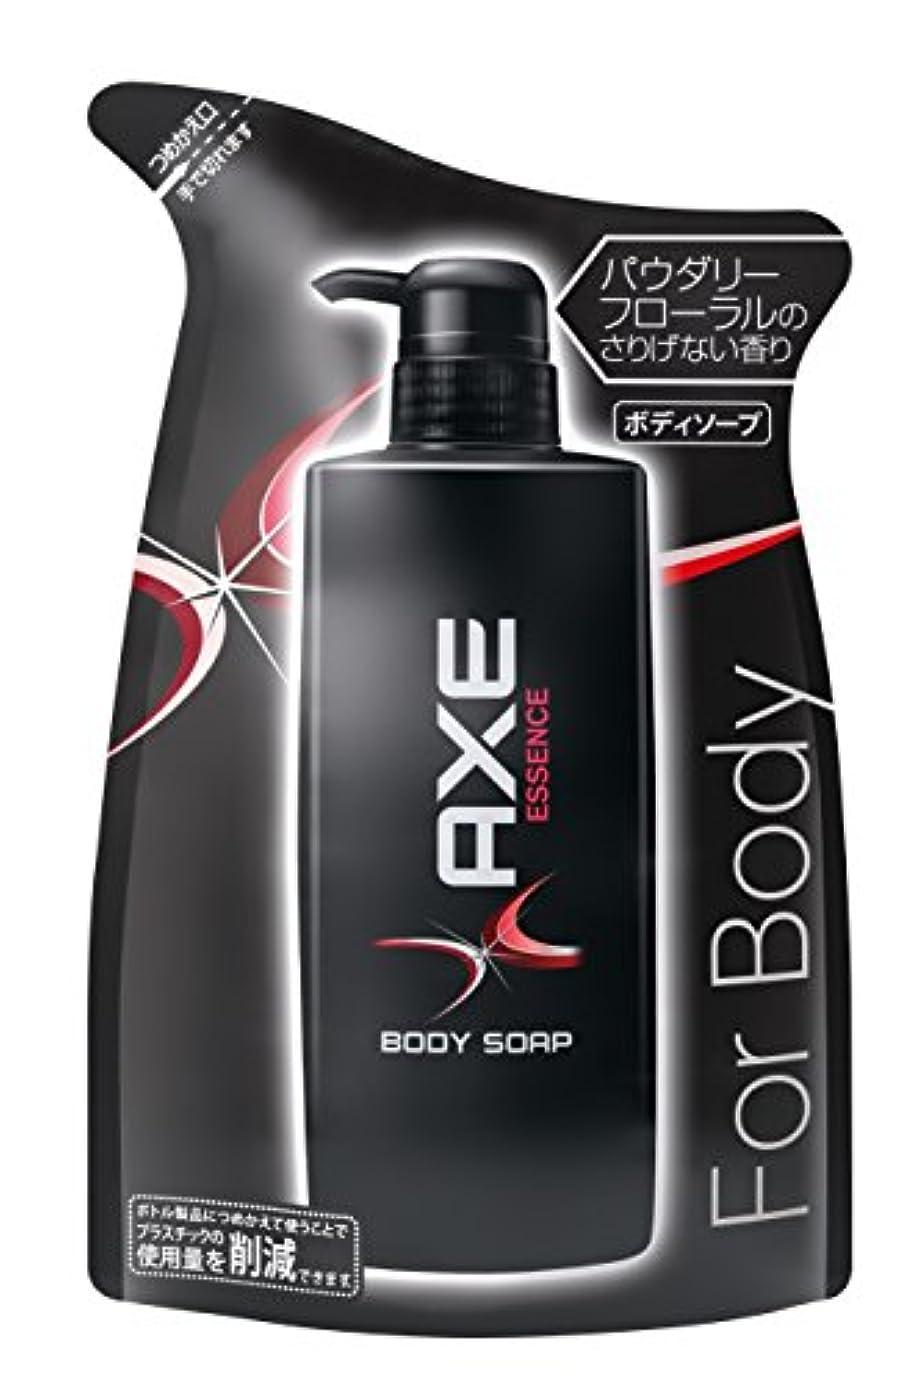 アックス(AXE) ボディソープ エッセンス つめかえ用 380g (ほのかに甘いパウダリーフローラルの香り)